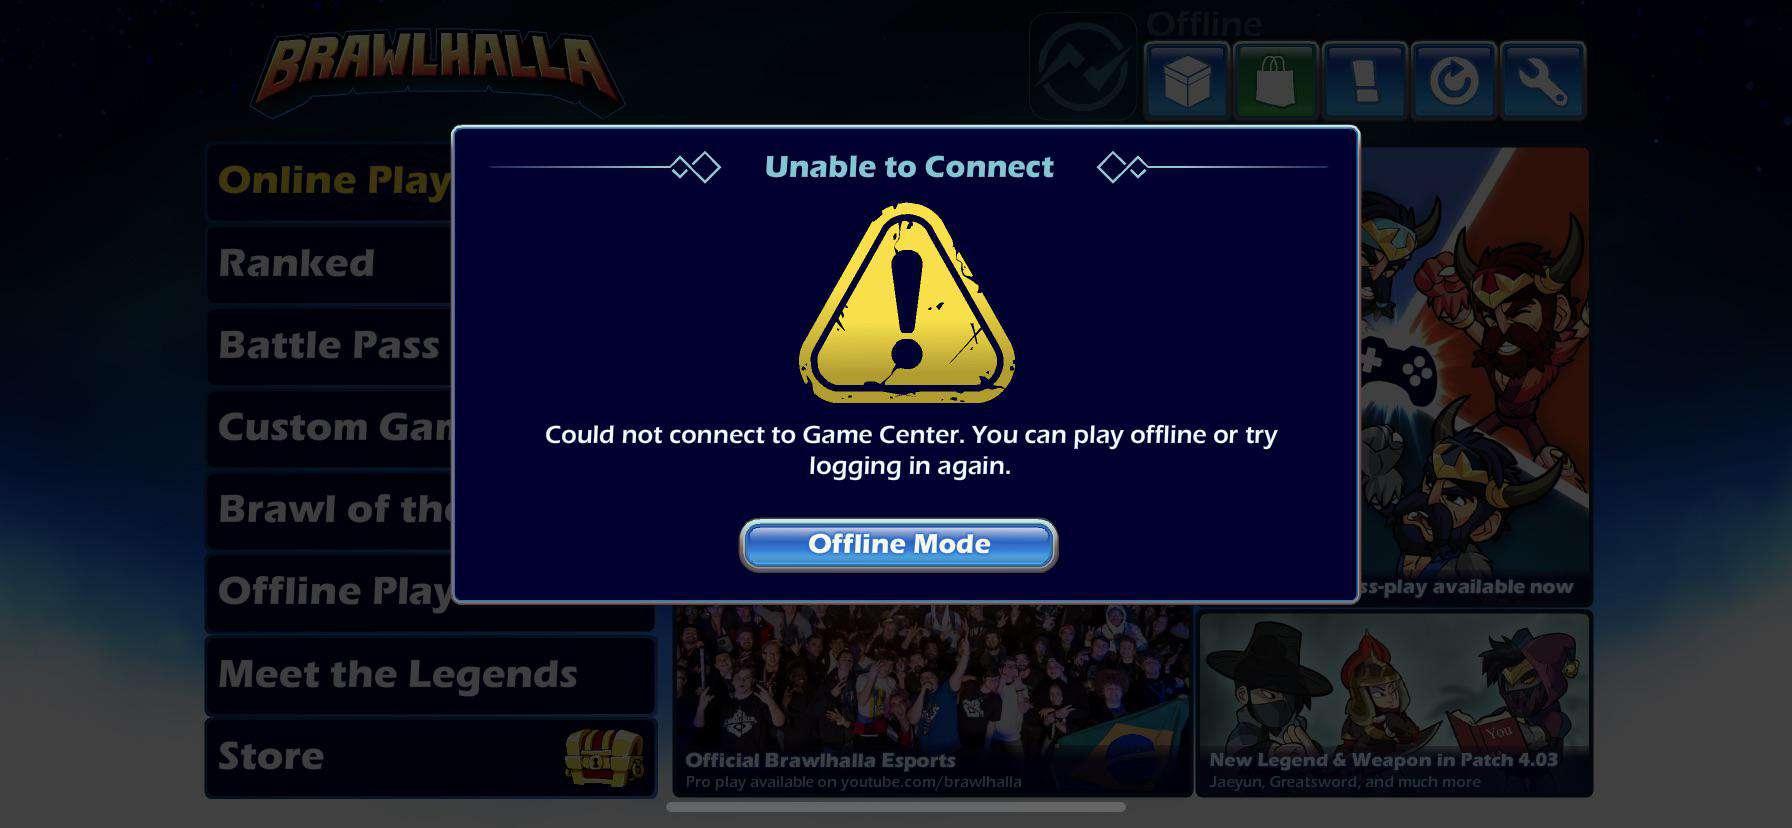 Brawlhalla: come risolvere errore GameCenter su iPhone (IOS)